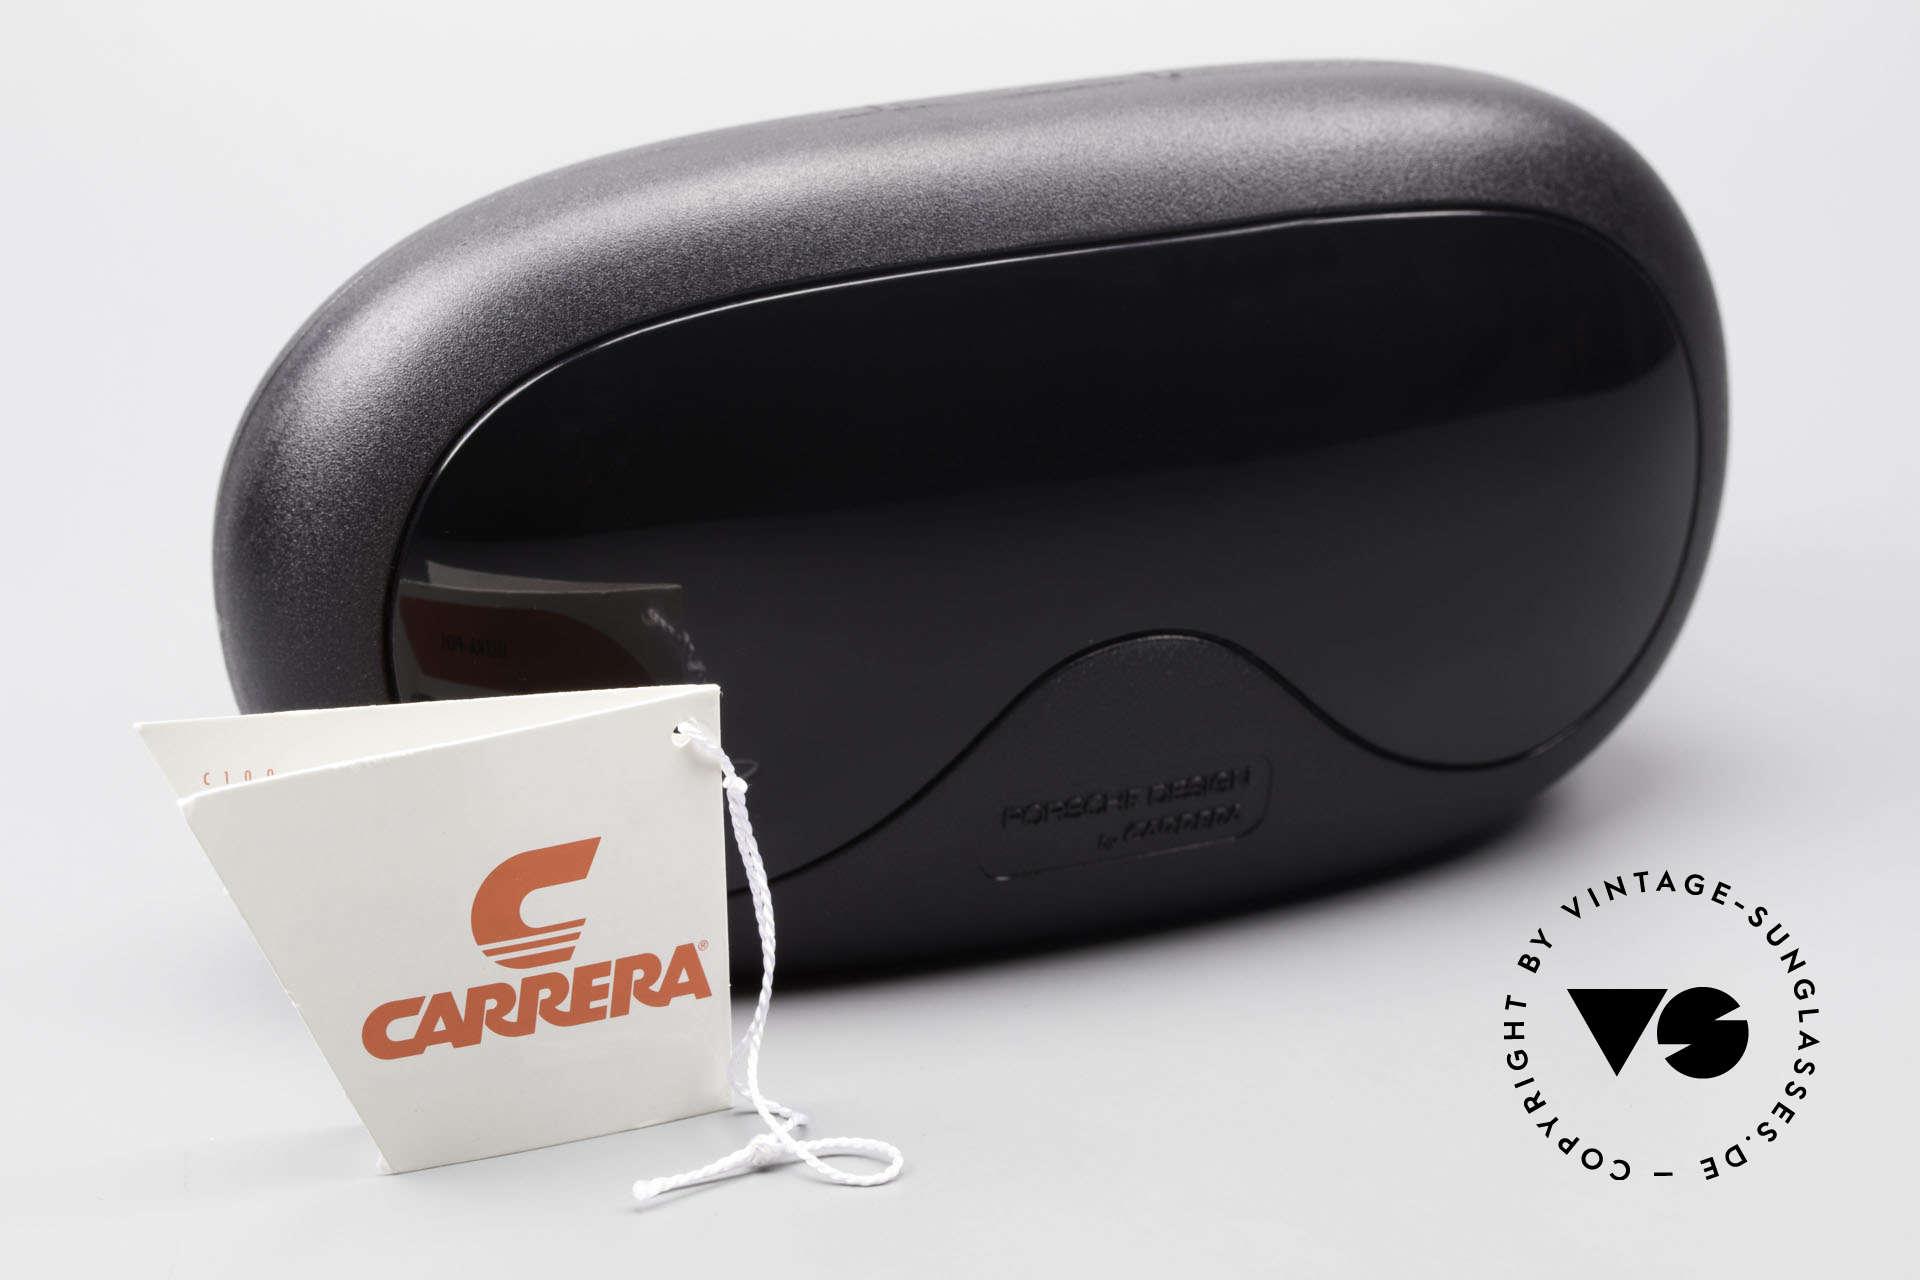 Carrera 5512 Miami Vice Brille Don Johnson, Größe: large, Passend für Herren